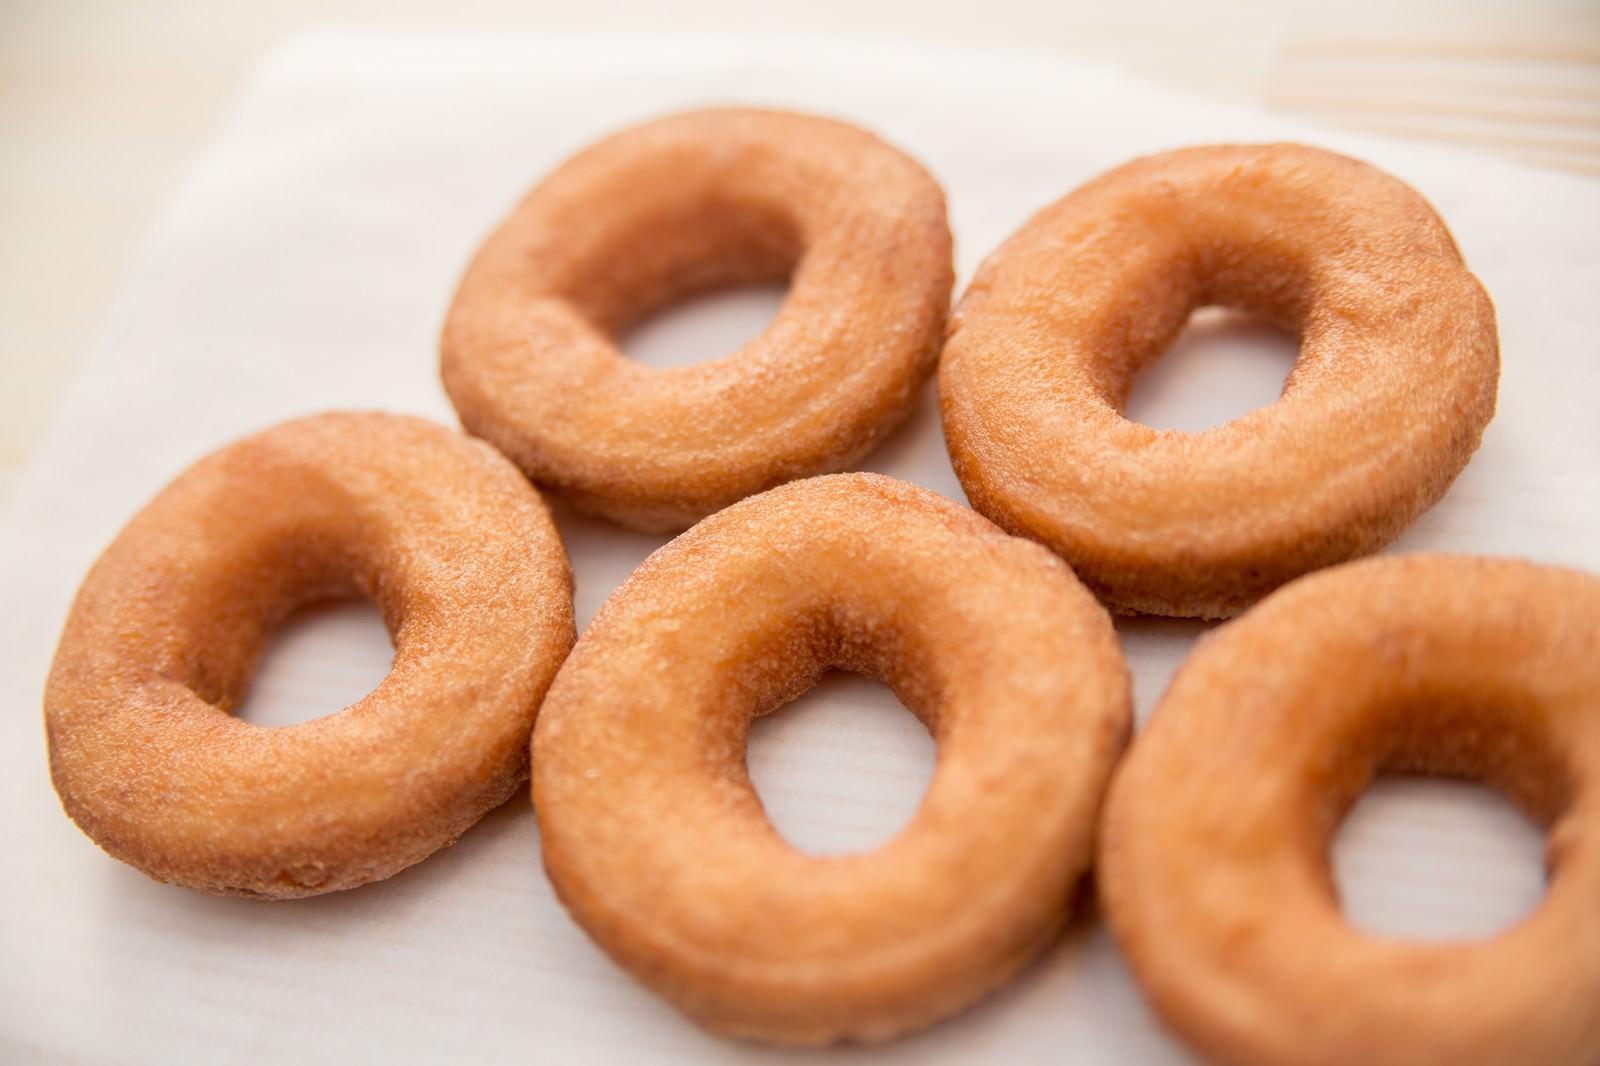 「出来上がったドーナツ出来上がったドーナツ」のフリー写真素材を拡大